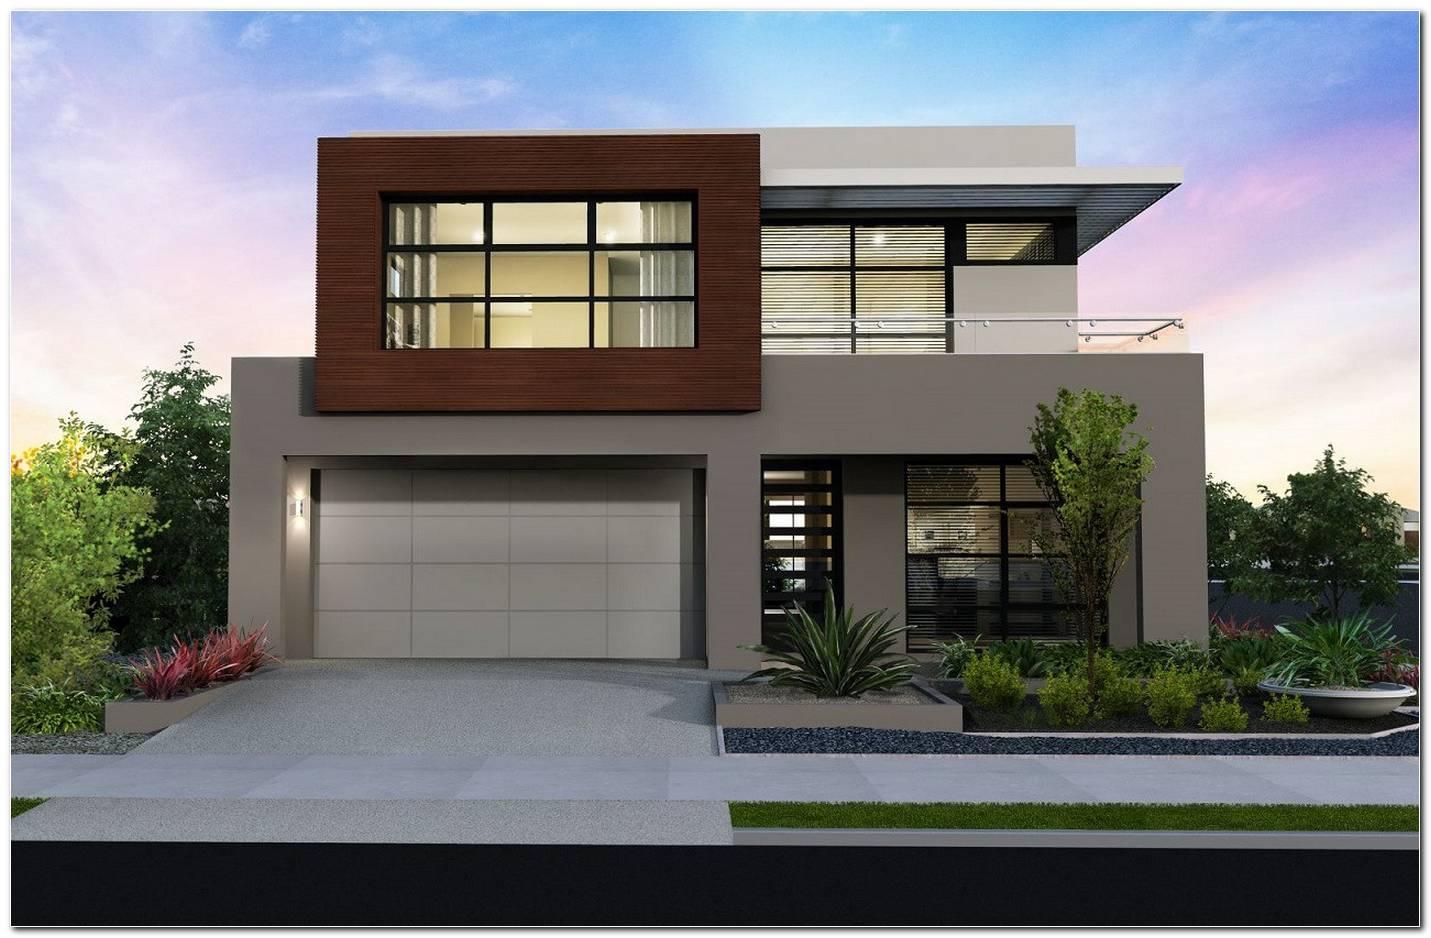 Casas Modernas Com Fachada